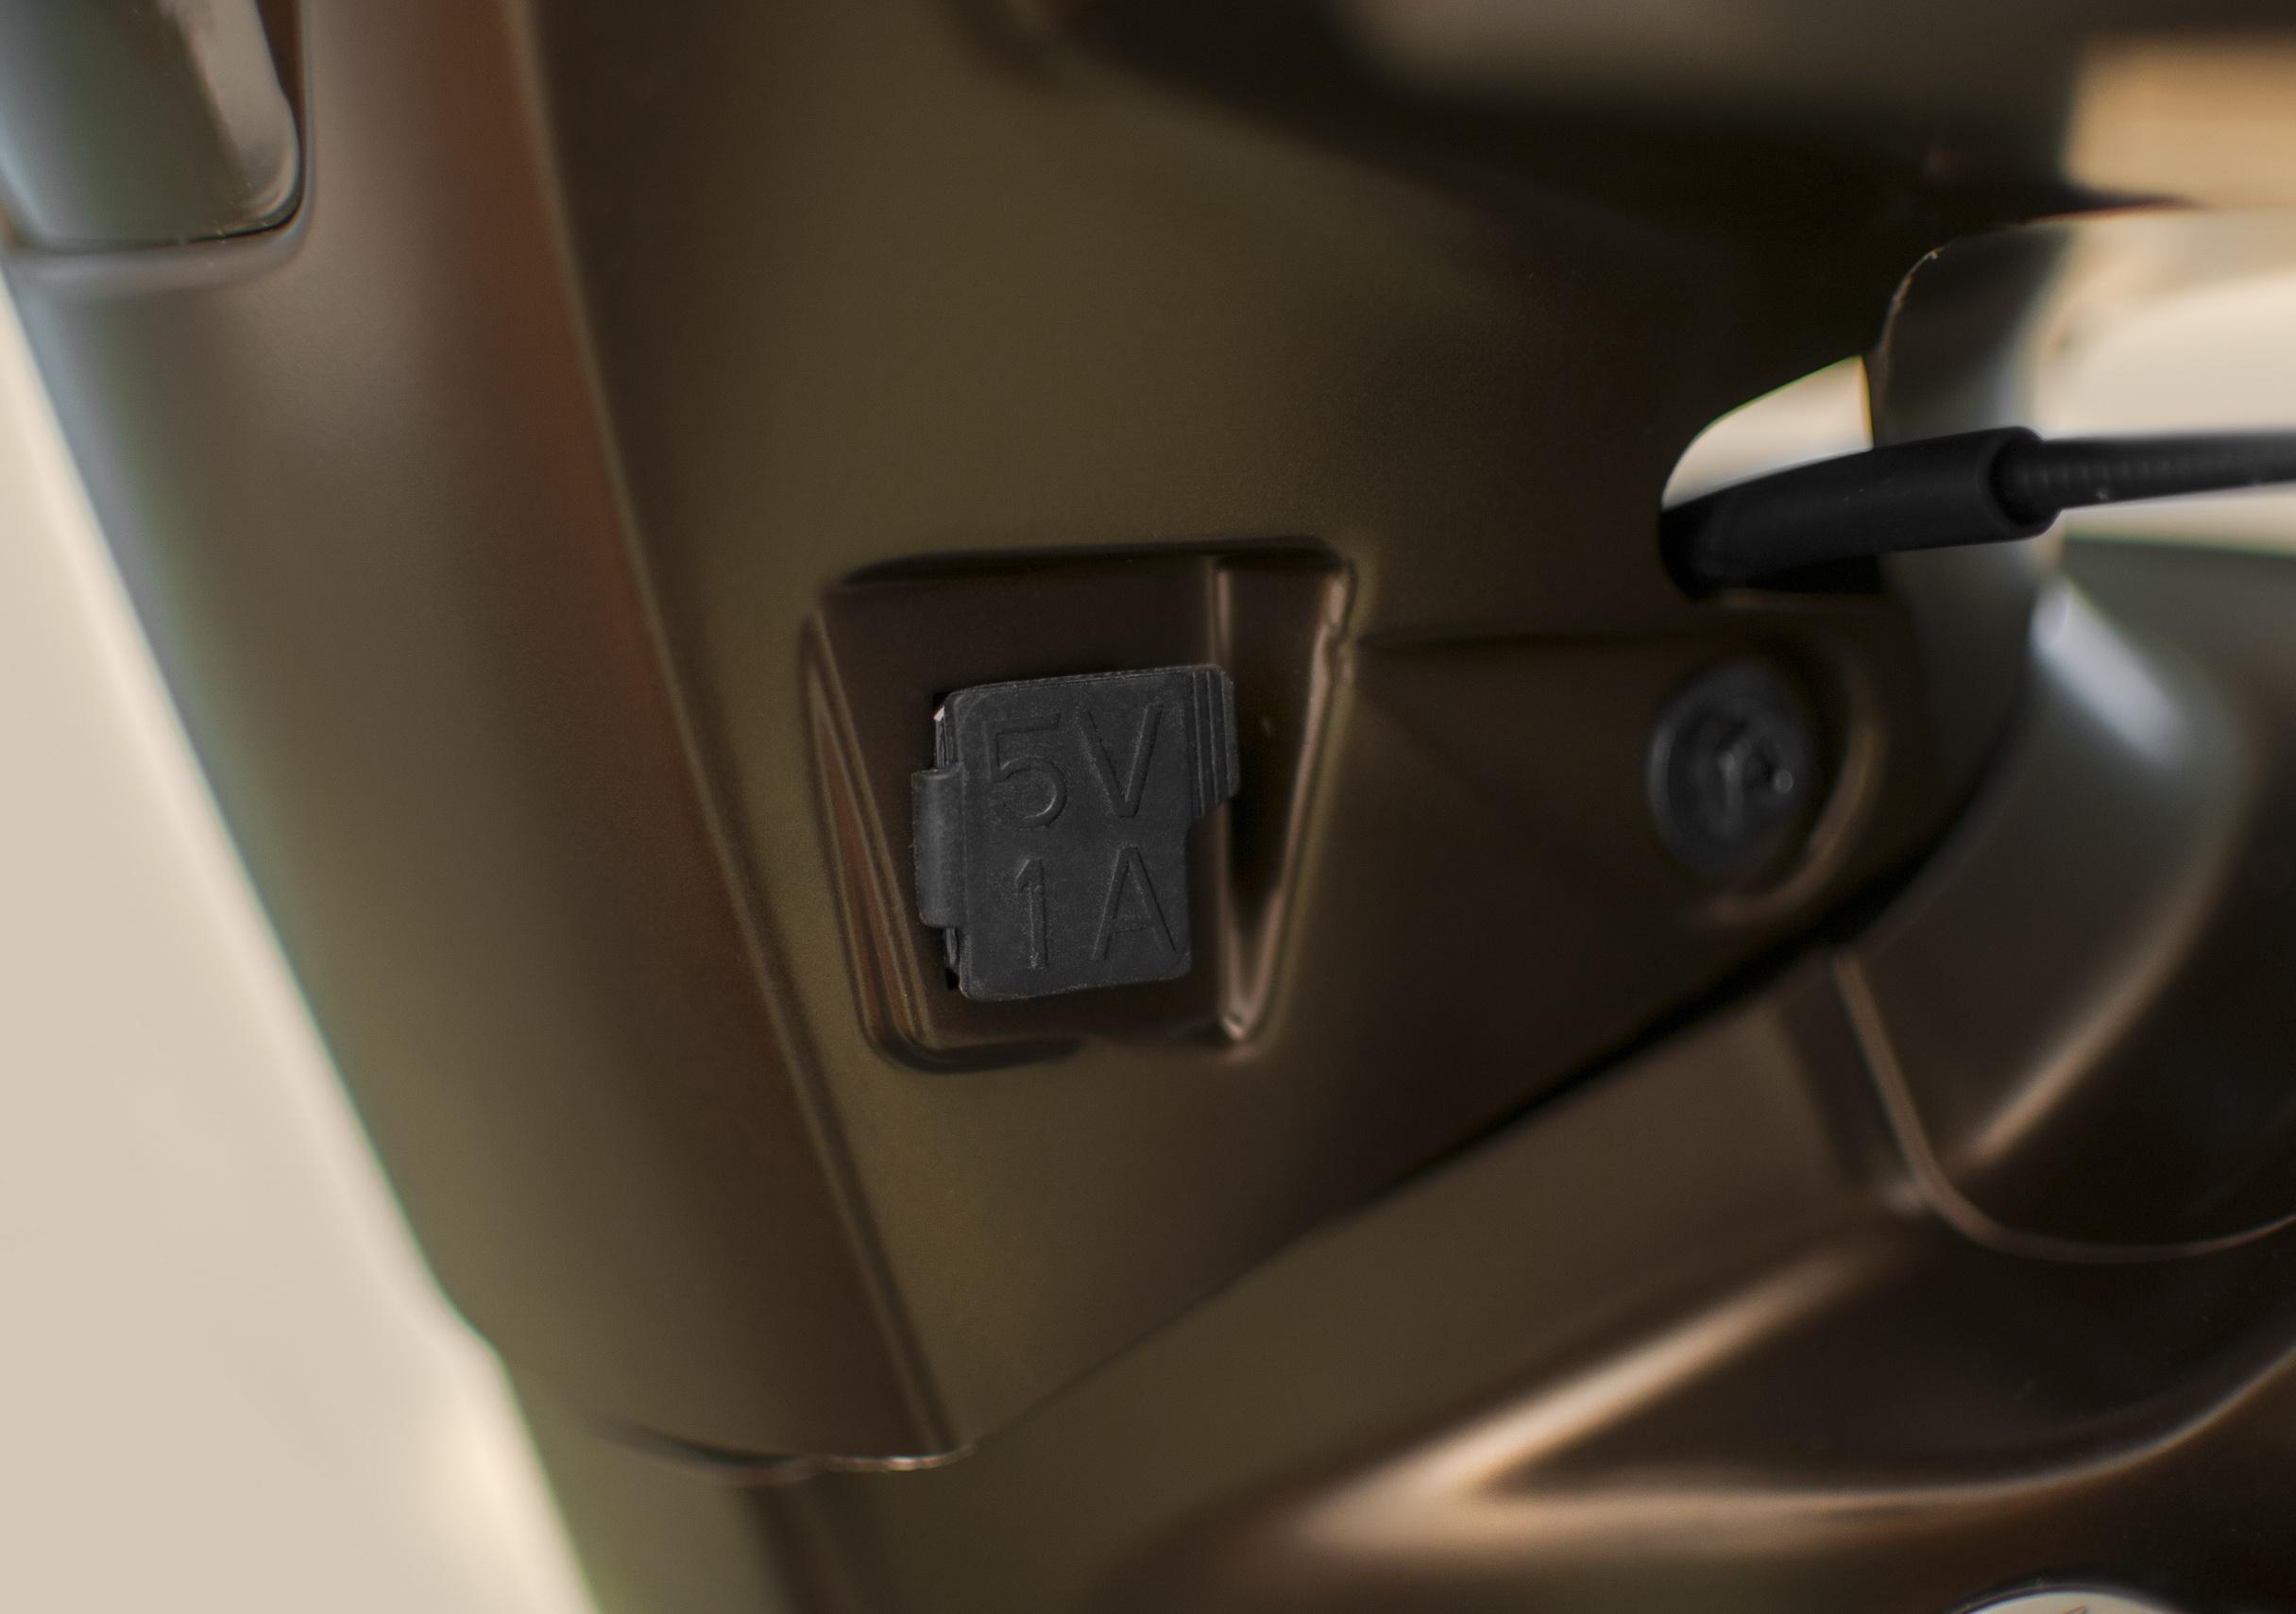 Πρακτική θύρα φόρτισης USB στο τιμόνι